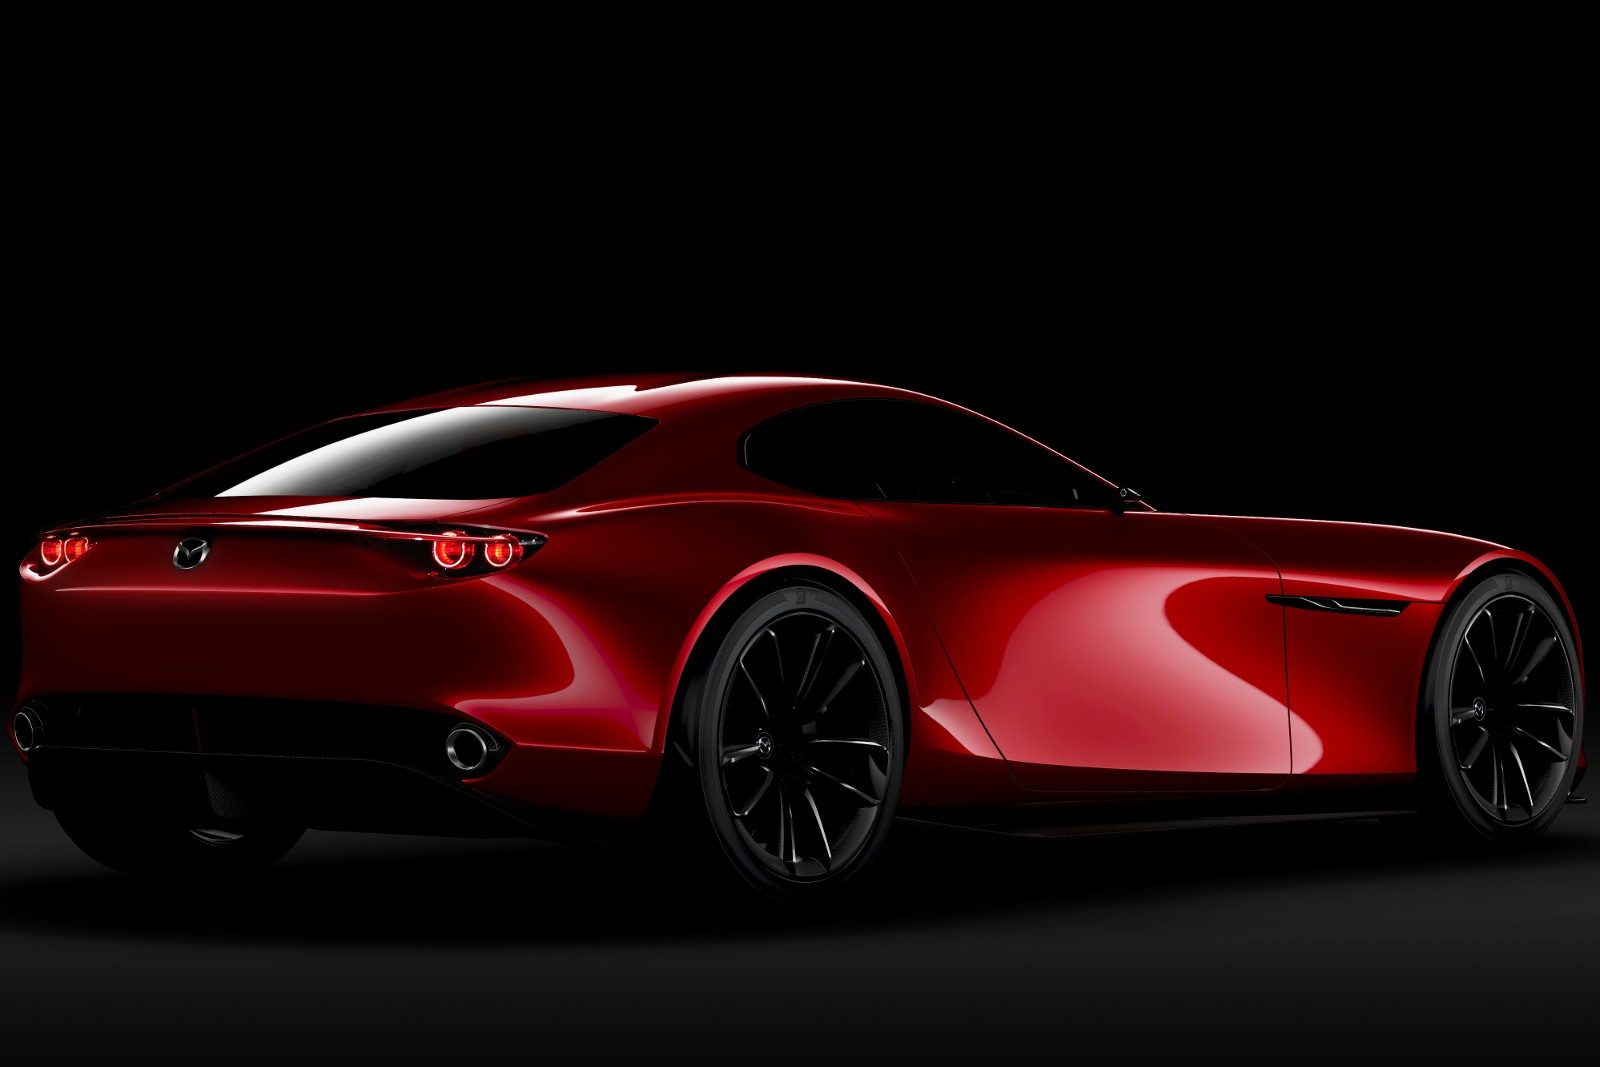 Mazda Rx 9 Nissan 390z J29 Supra Rumored To Debut At